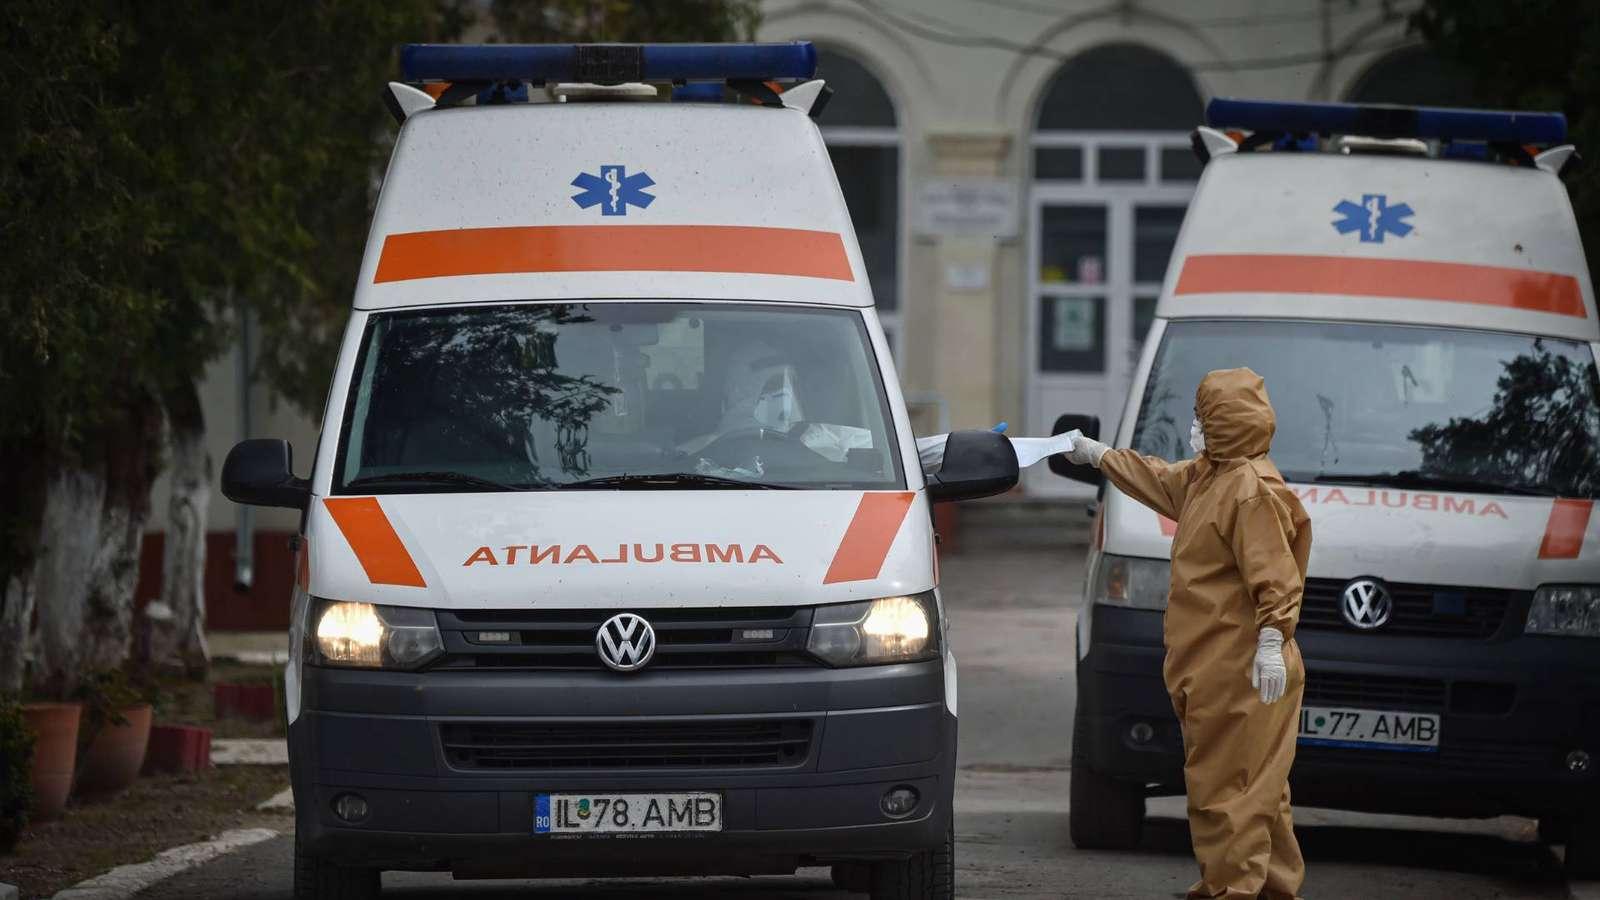 رومانيا تسجل 8072 إصابة جديدة و134 حالة وفاة بفيروس كورونا